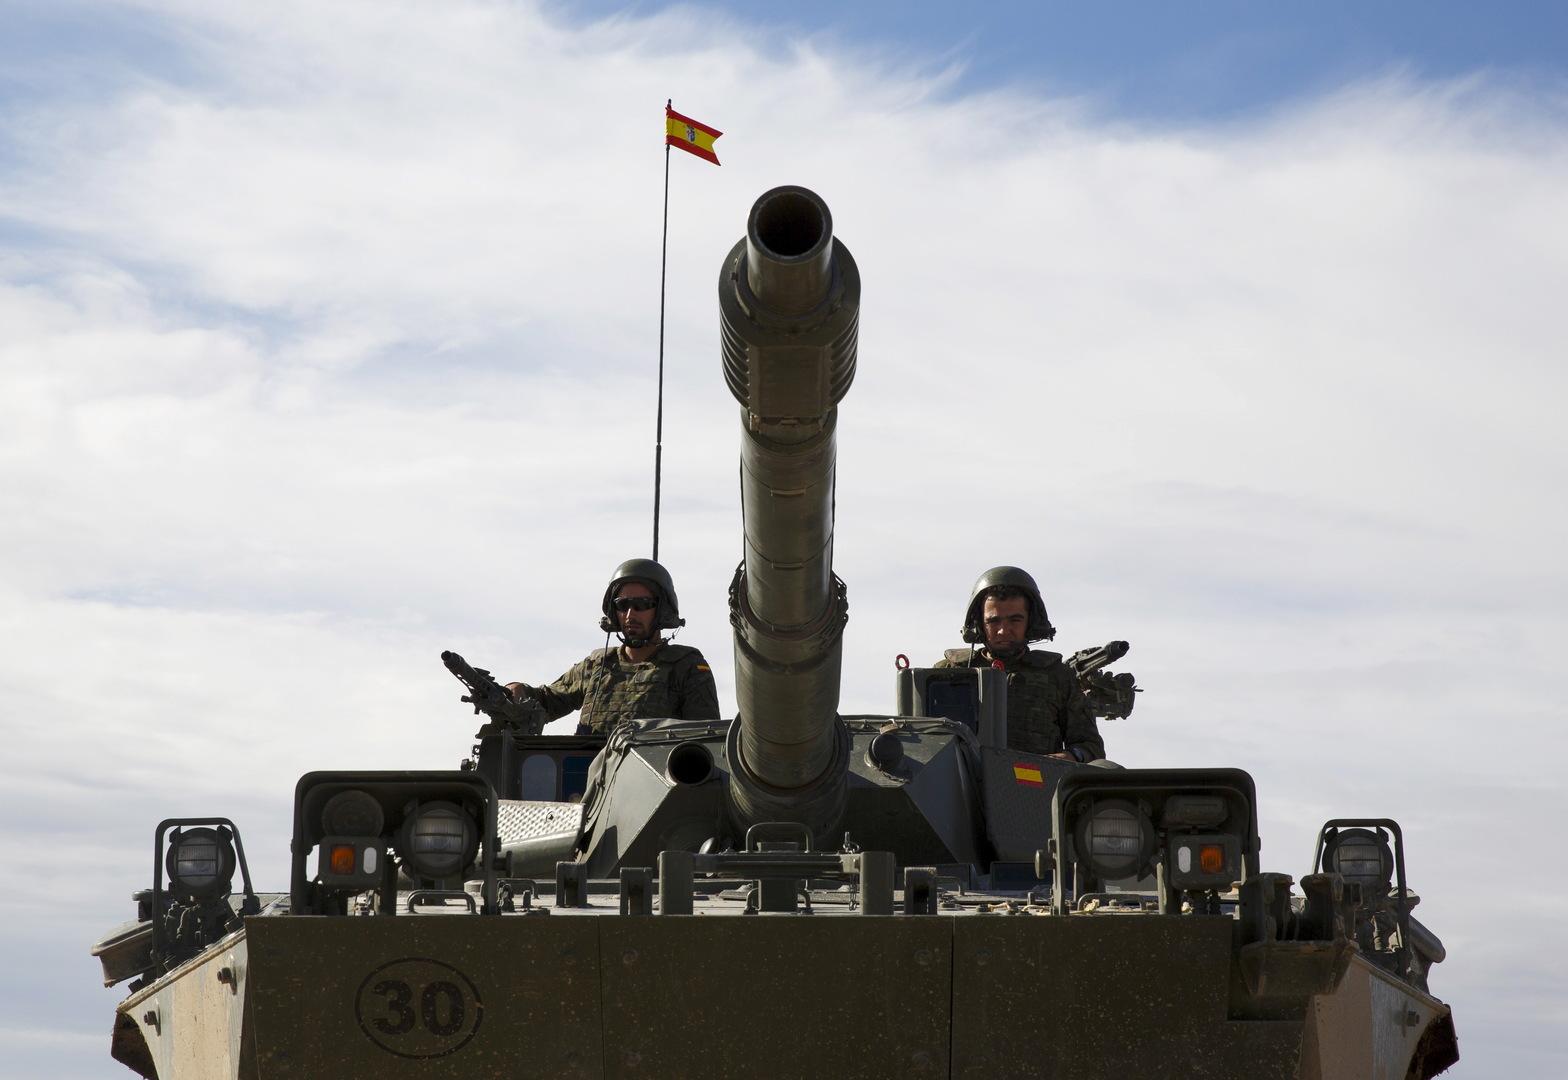 إسبانيا تنقل بعض قواتها من العراق إلى الكويت